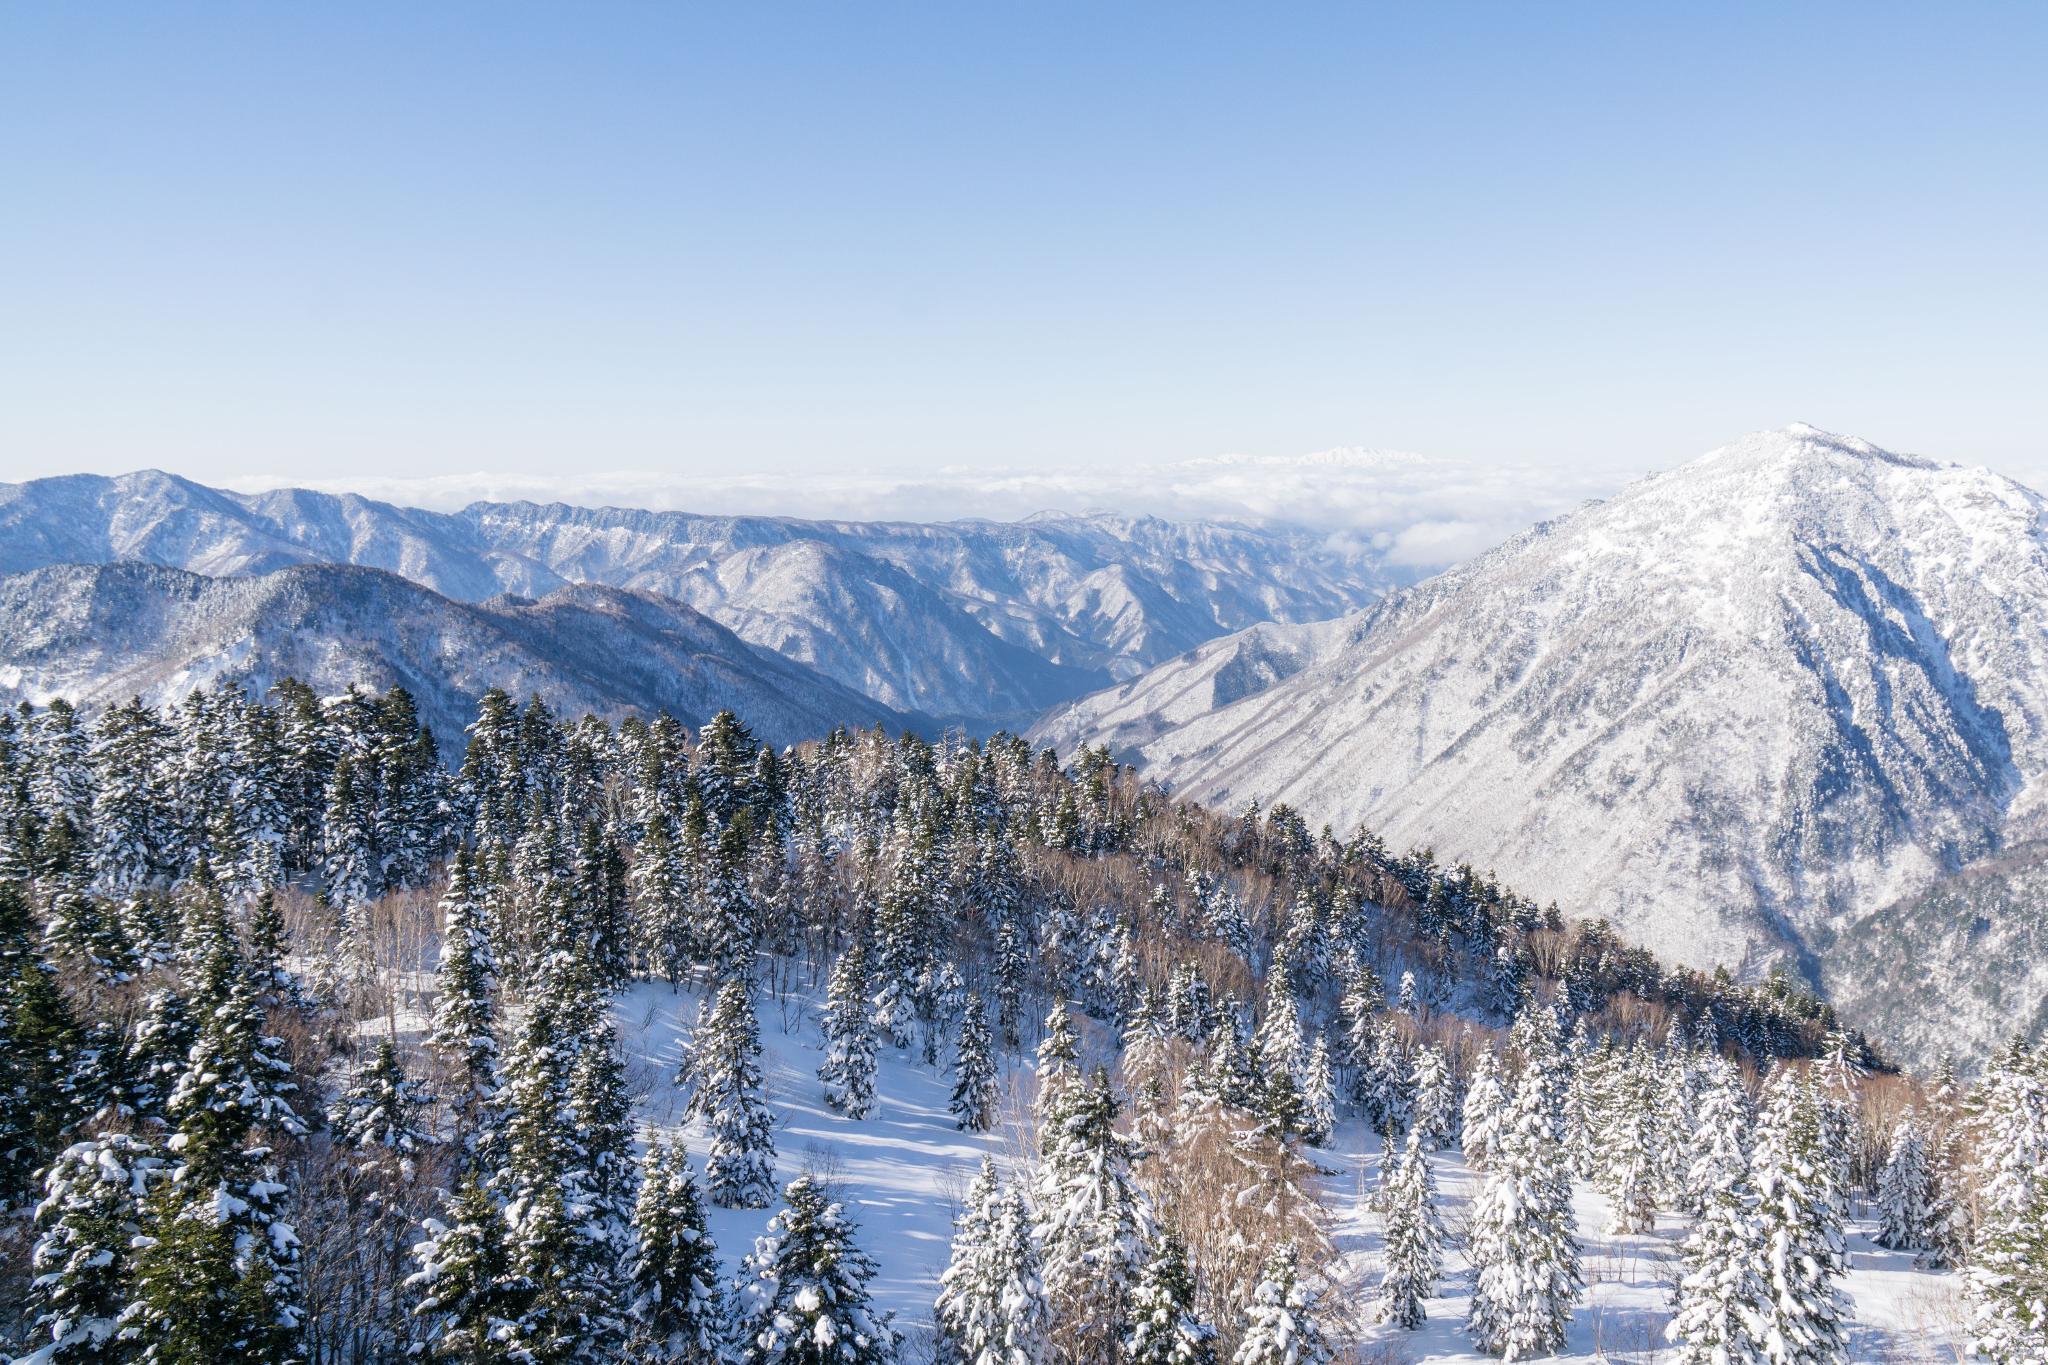 【岐阜】超級推薦!奧飛驒溫泉鄉的冬季戀歌 ~ 新穗高纜車雪景攻略 98